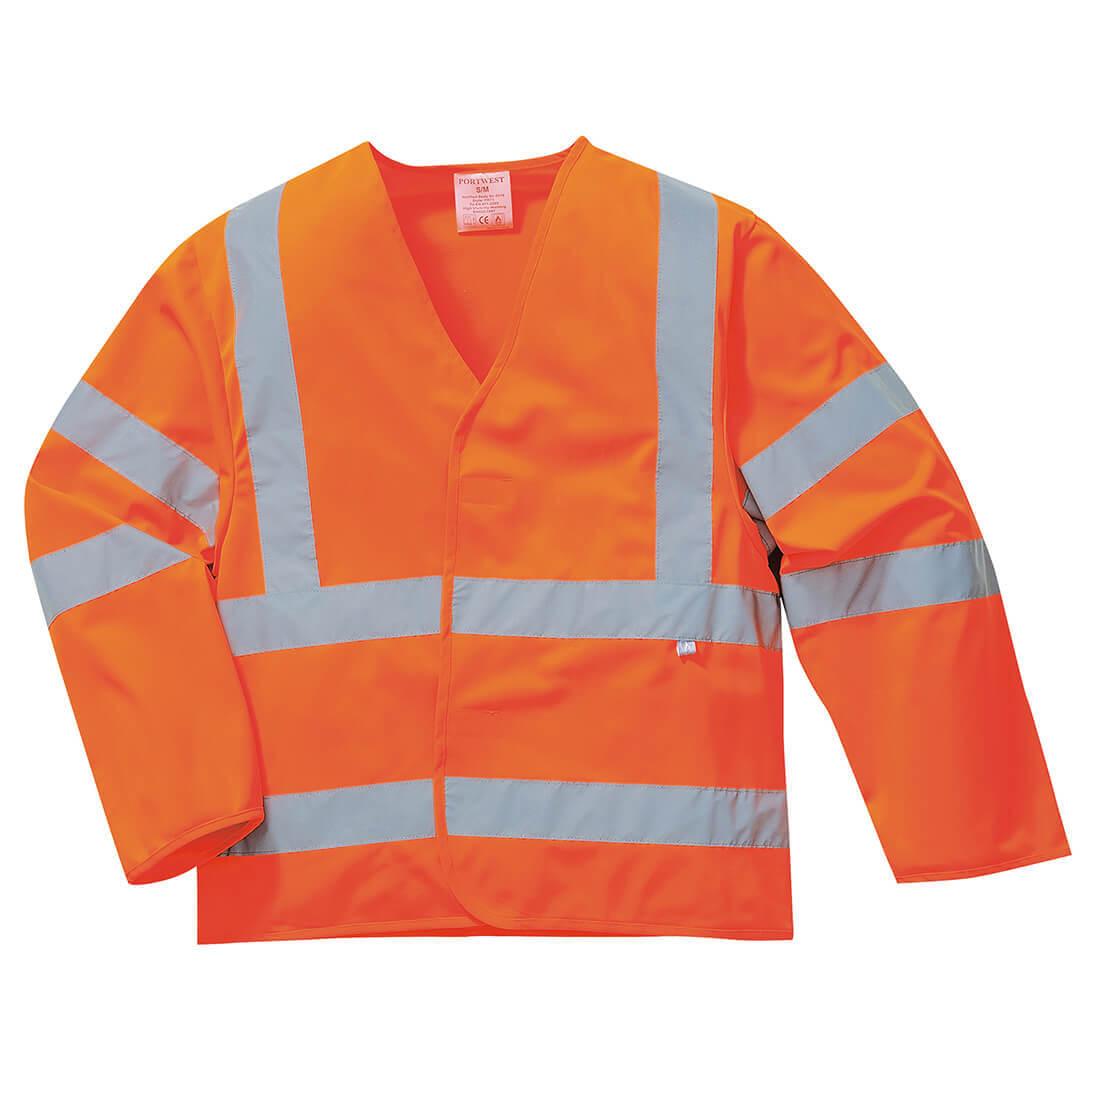 Image of Biz Flame Hi Vis Flame Resistant Jacket Orange 2XL / 3XL